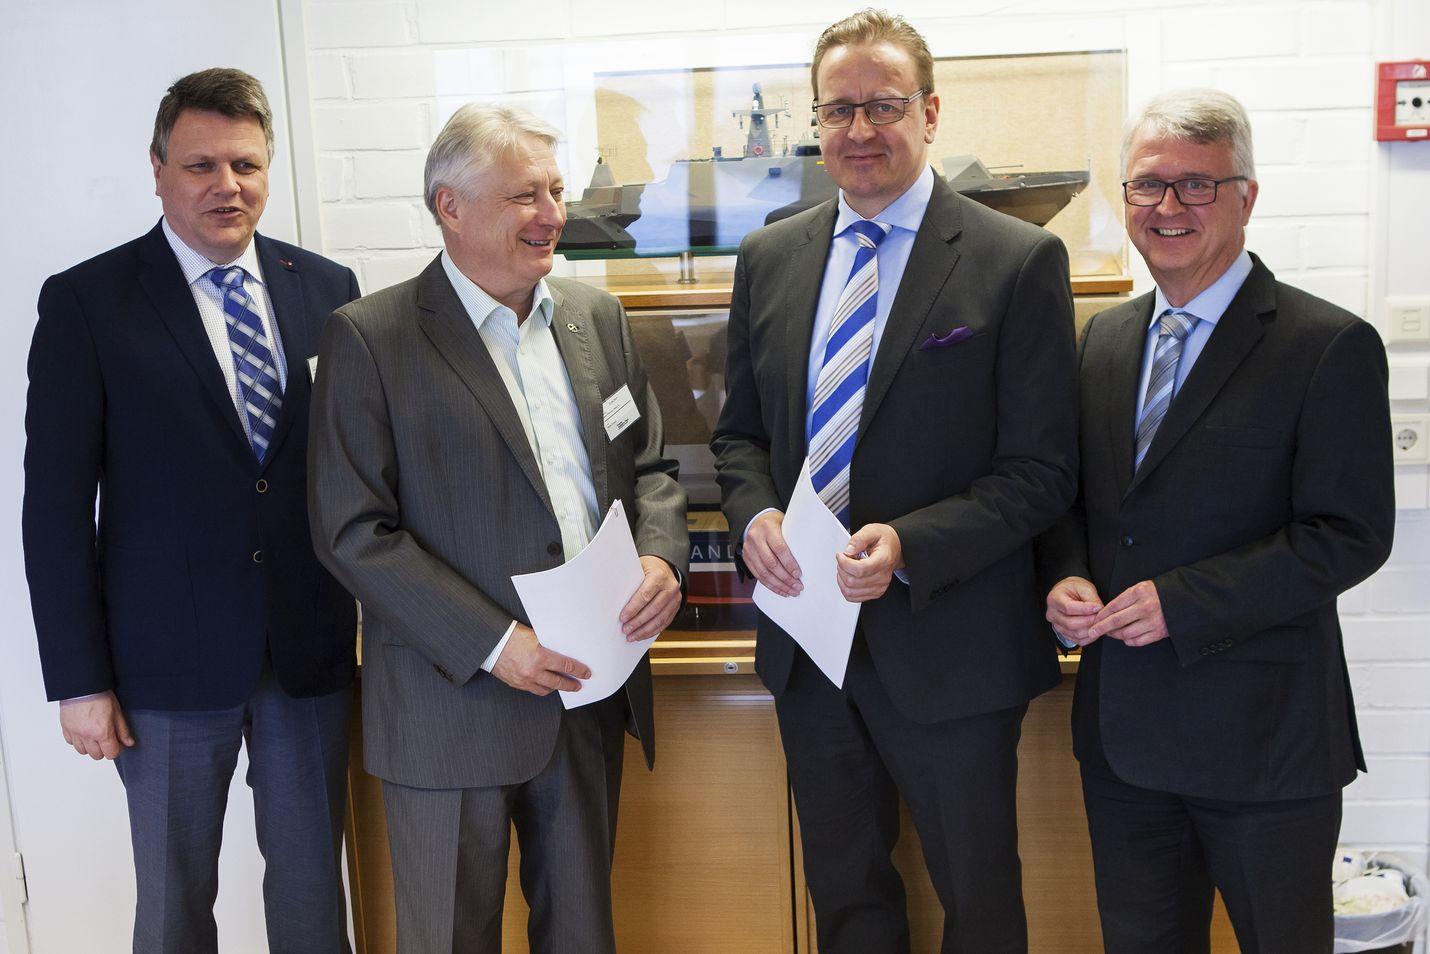 Sopimus syntyi. Millogin toimialajohtaja Risto Pullinen ja toimitusjohtaja Aarne Nieminen sekä RMC:n toimitusjohtaja Heikki Pöntynen ja myyntijohtaja Håkan Enlund.